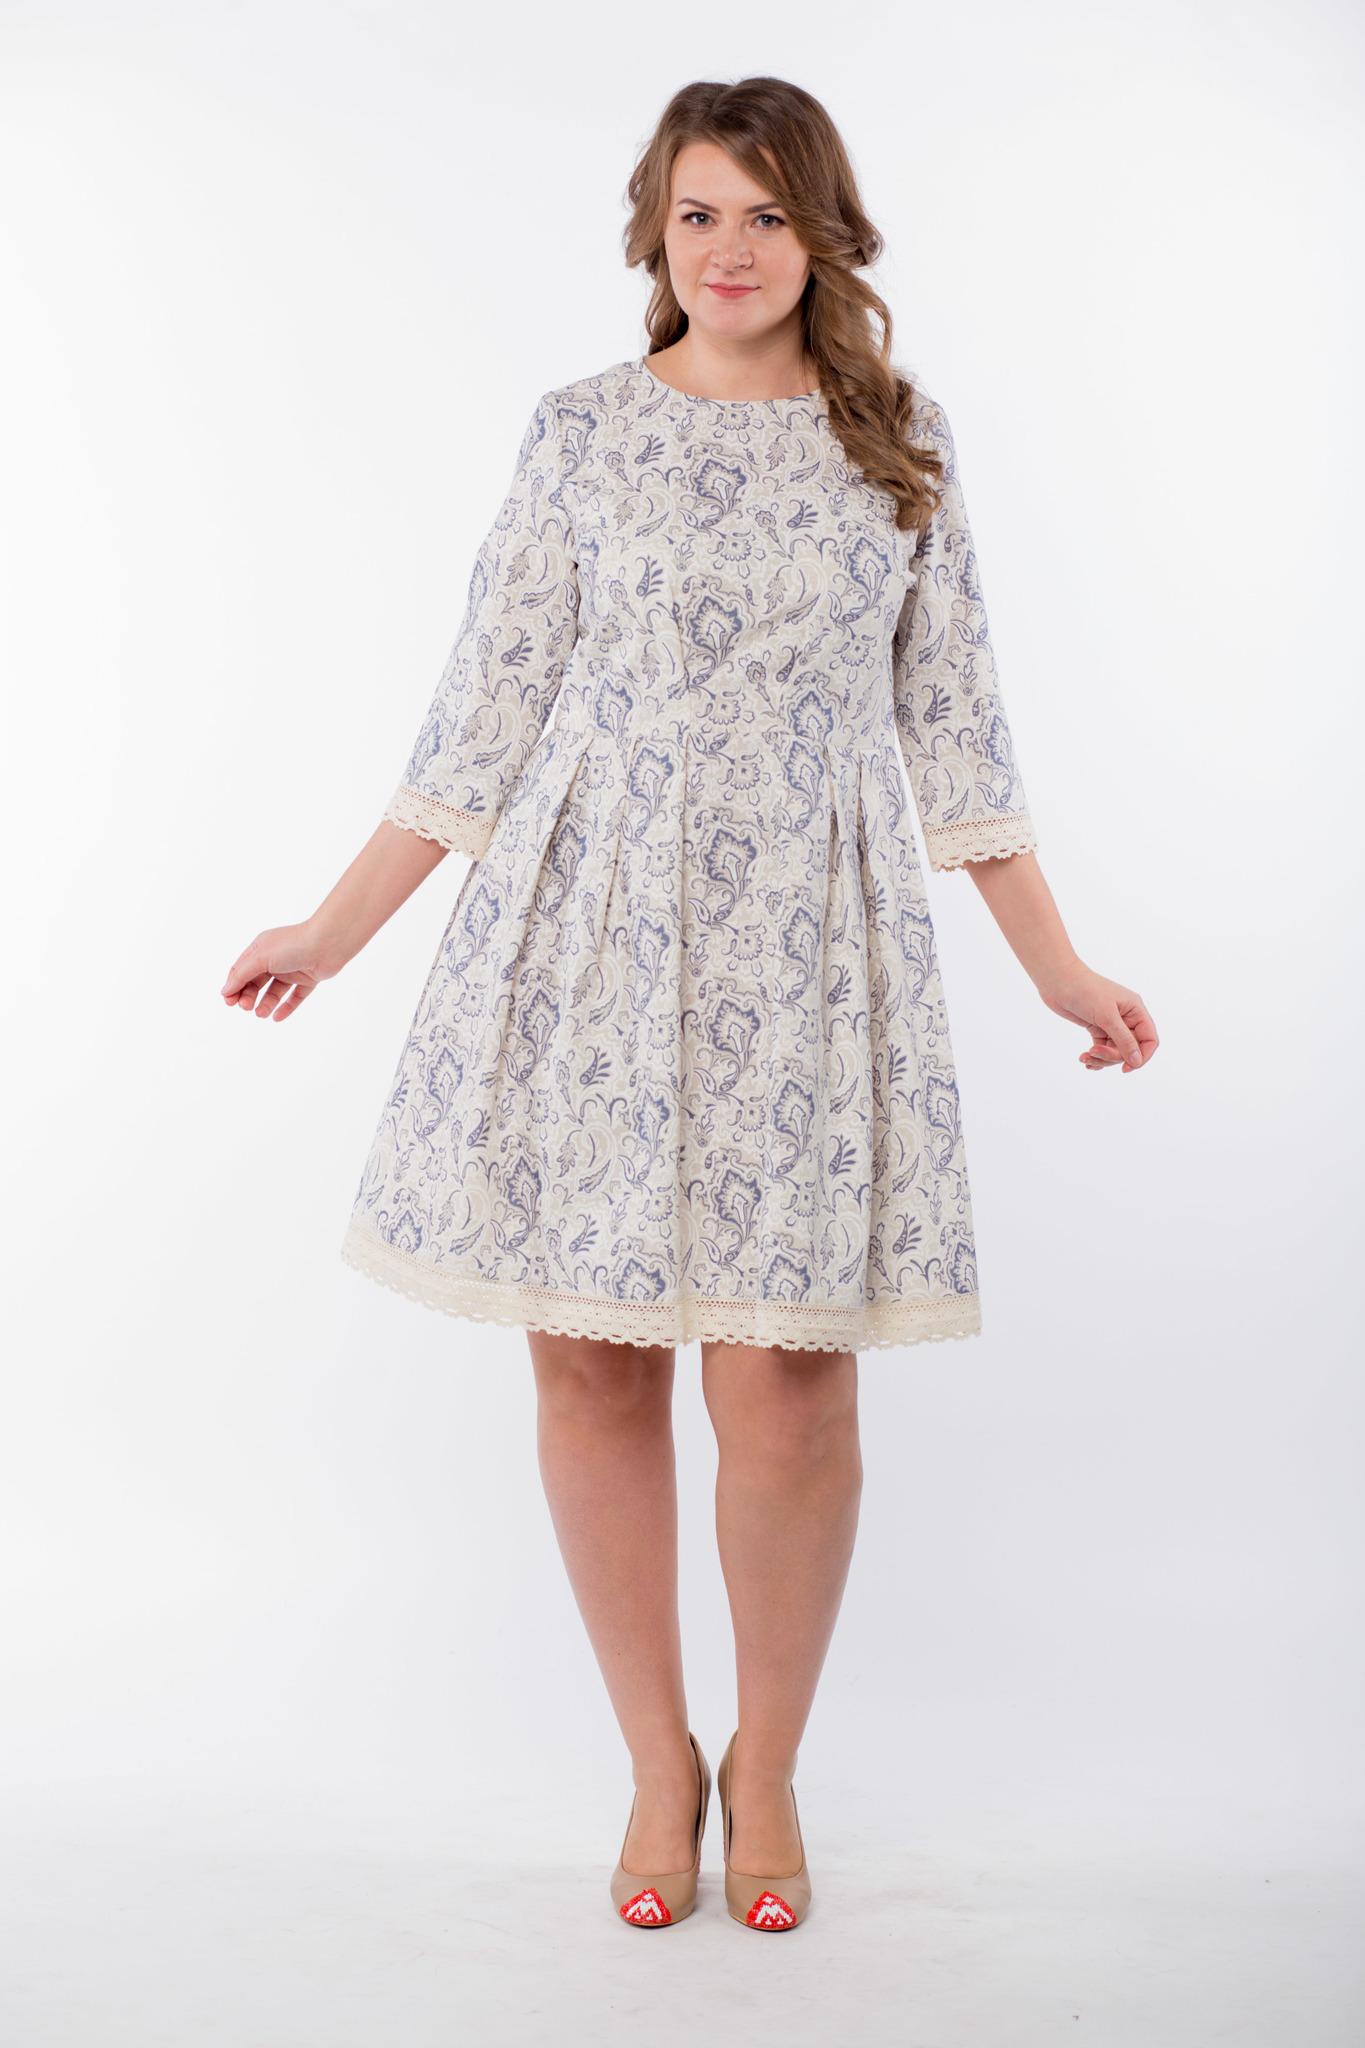 Платье льняное Первоцвет 50 размер